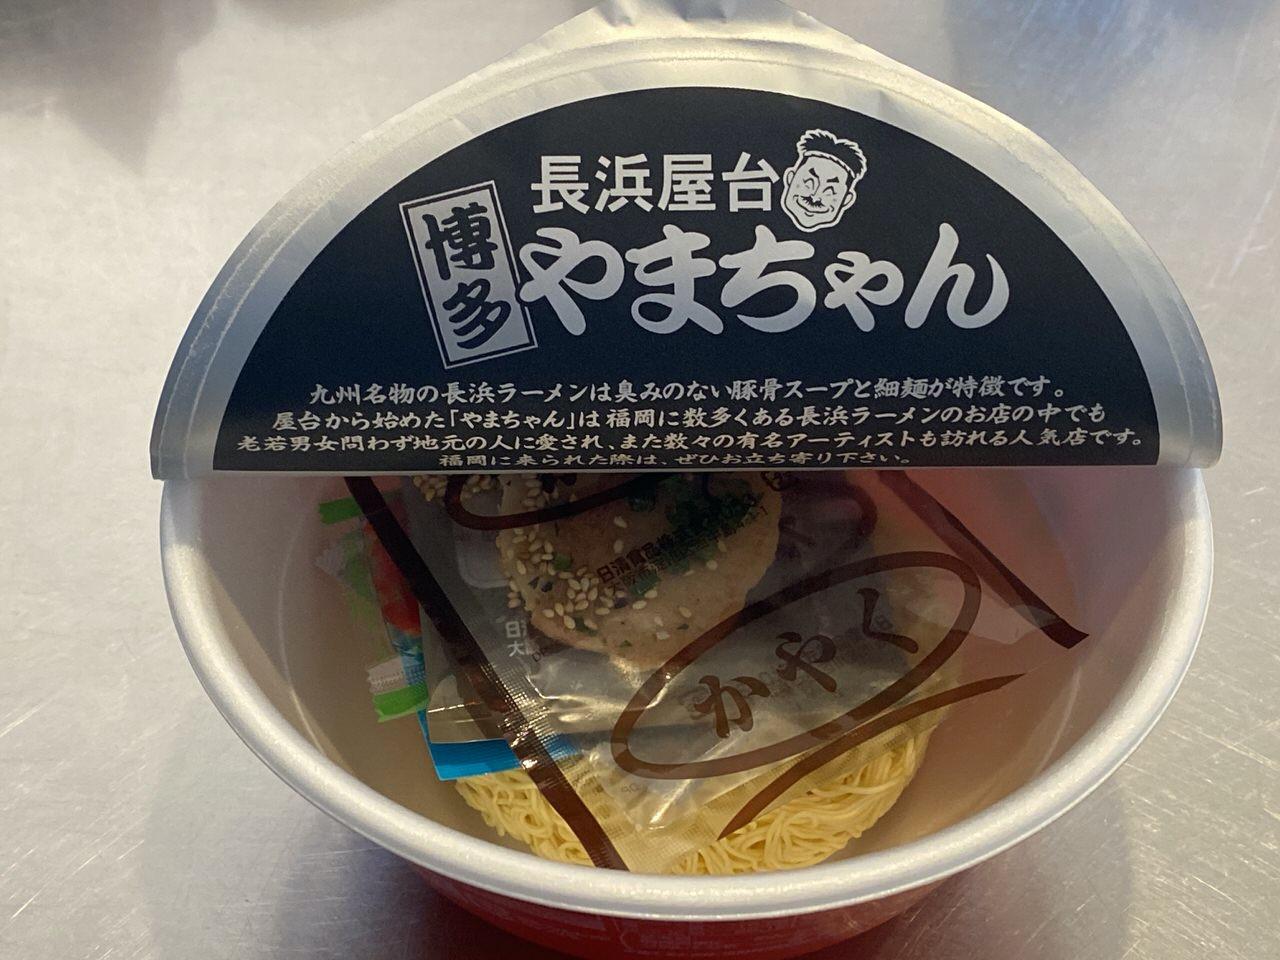 カップ麺「長浜屋台やまちゃん」1